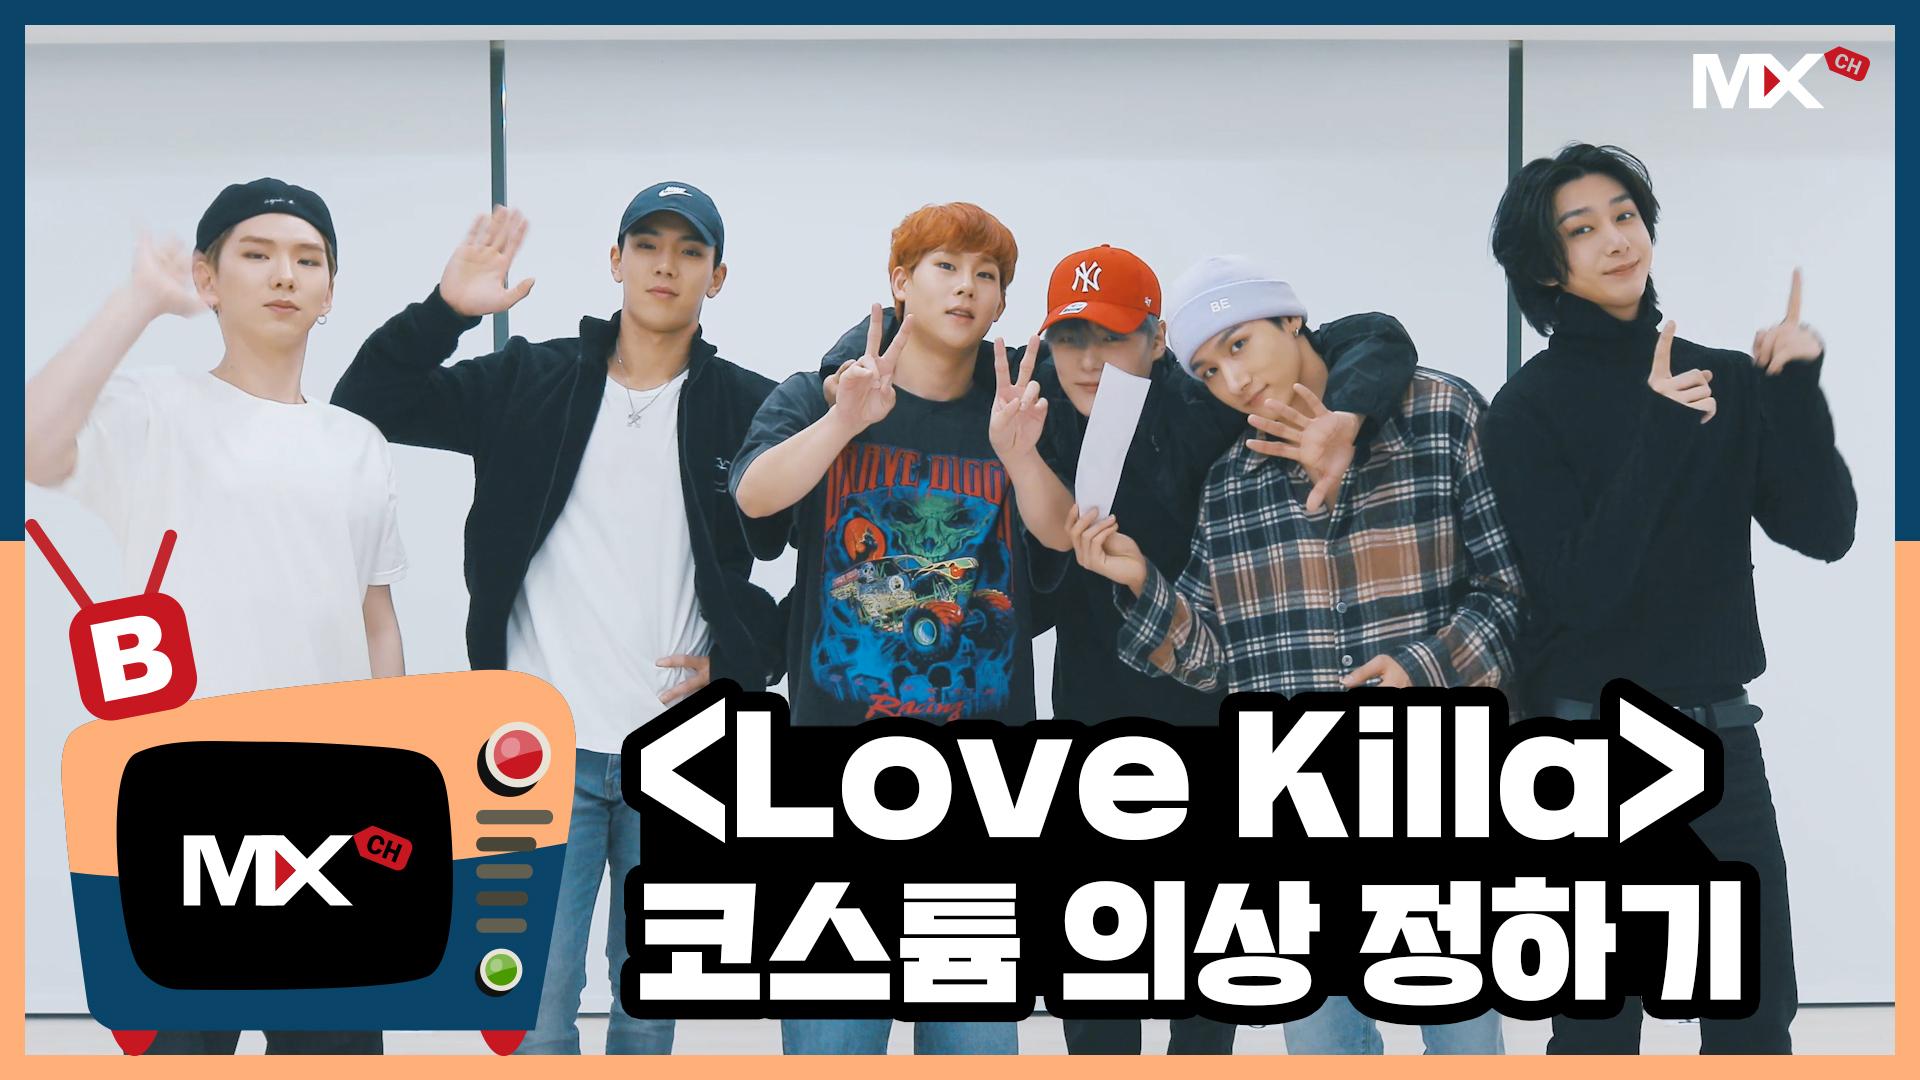 [몬채널][B] EP.205 'Love Killa' Picking costumes randomly